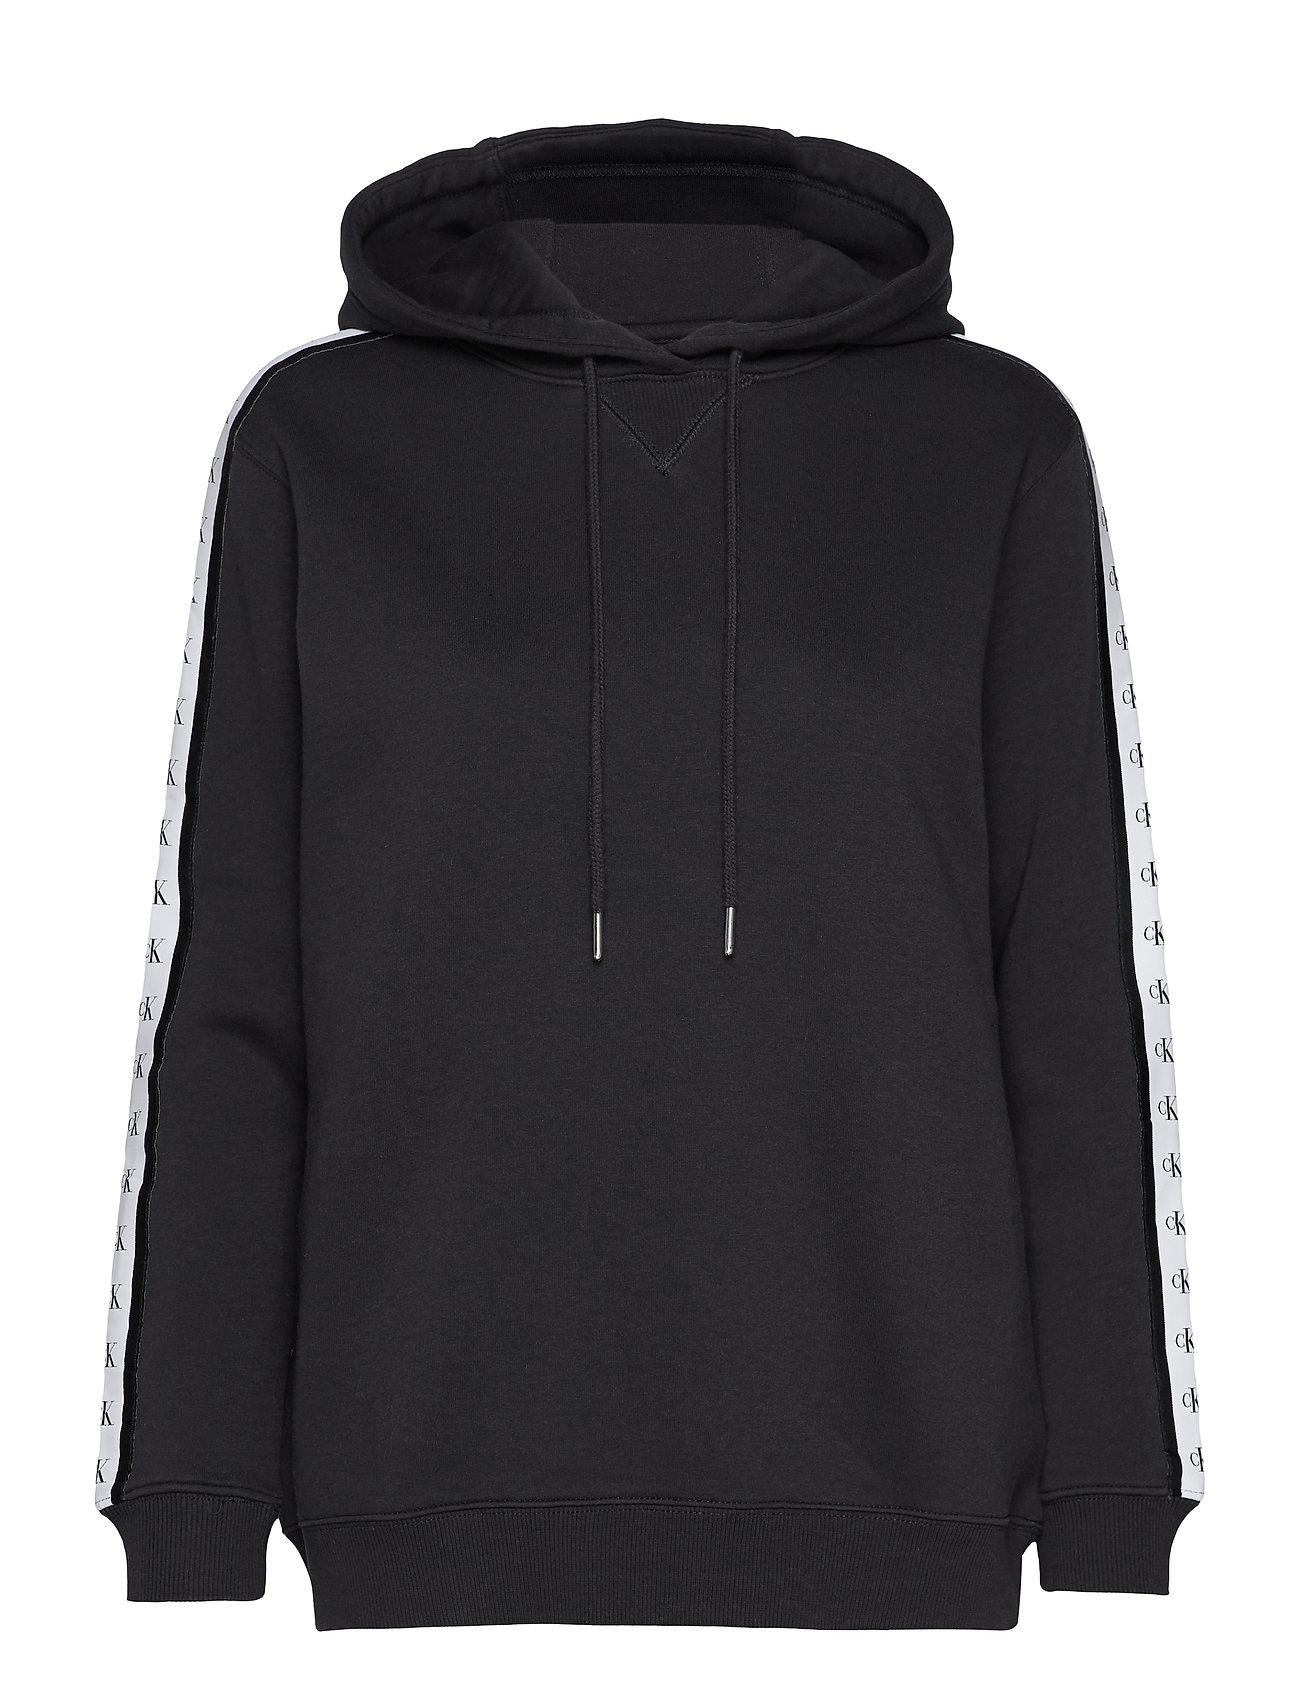 Calvin Klein Jeans MONOGRAM TAPE HOODIE - CK BLACK